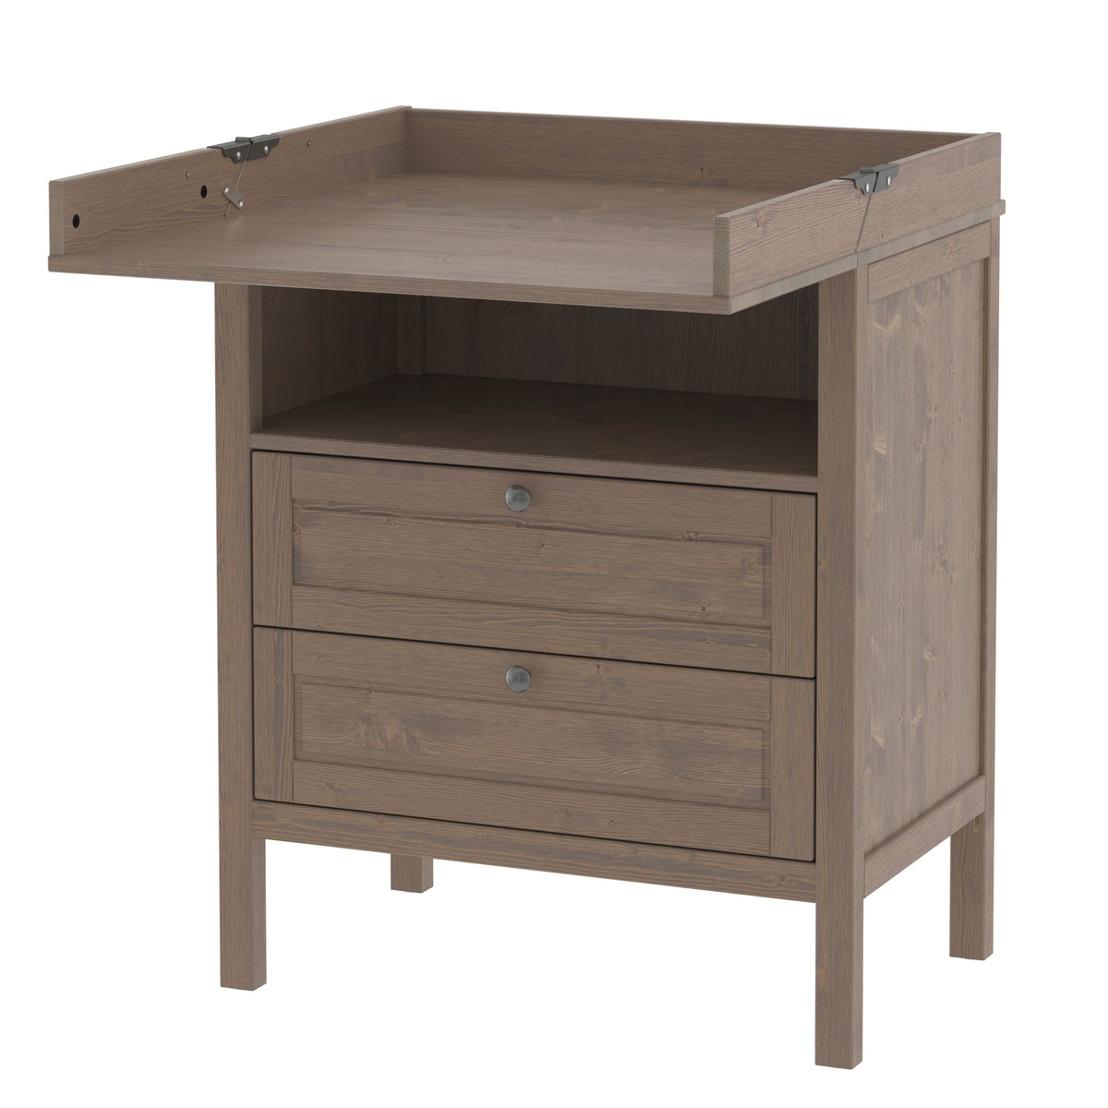 IKEA procède à un rappel pour réparation de la table à langer/commode SUNDVIK en raison d'un risque de desserrement de la partie rétractable